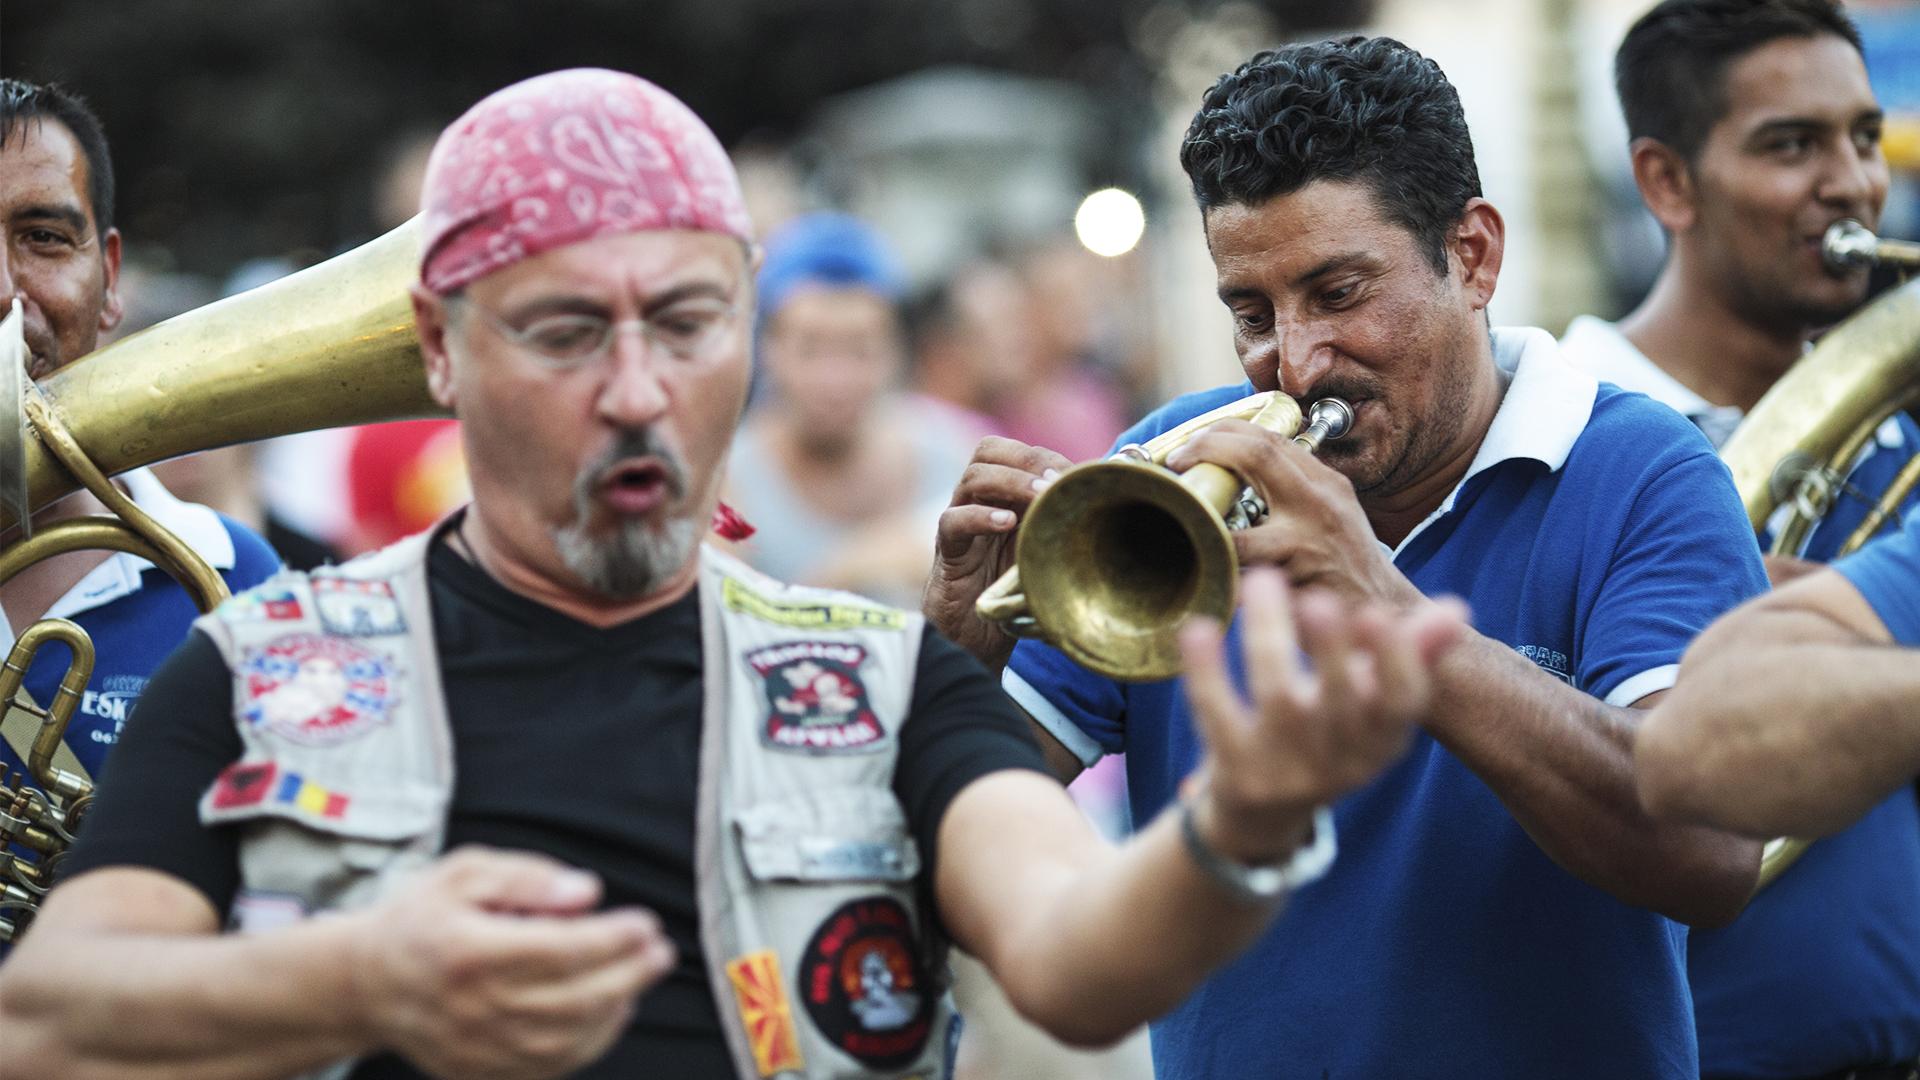 Громко и весело: как проходит фестиваль духовых оркестров в Сербии